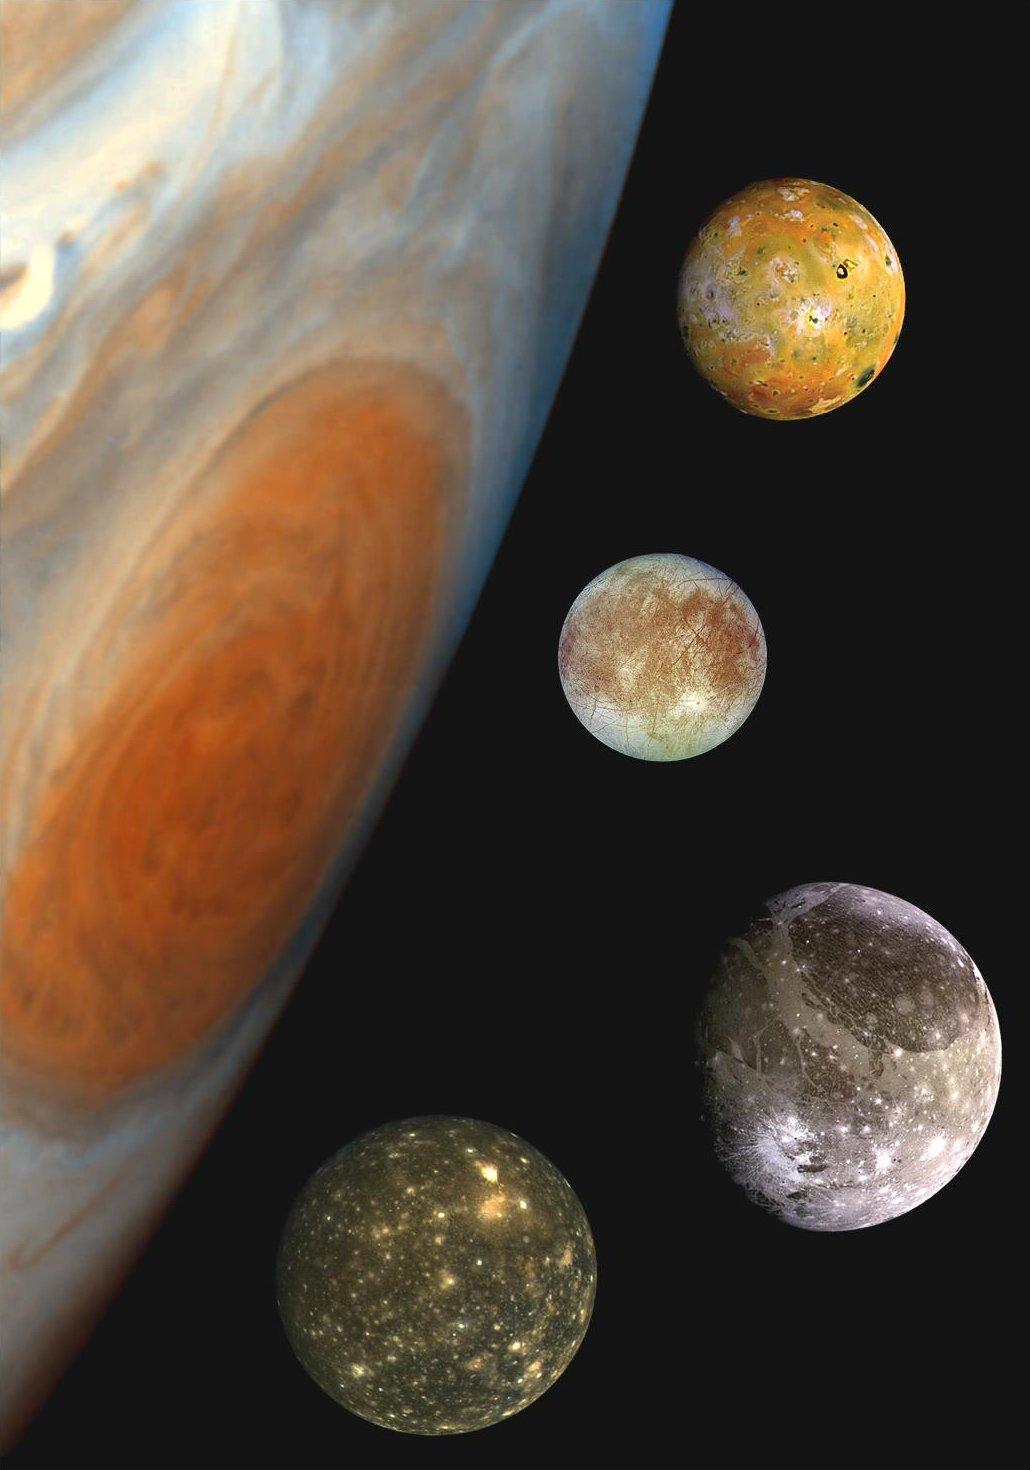 jupiter moon europa temp - photo #35